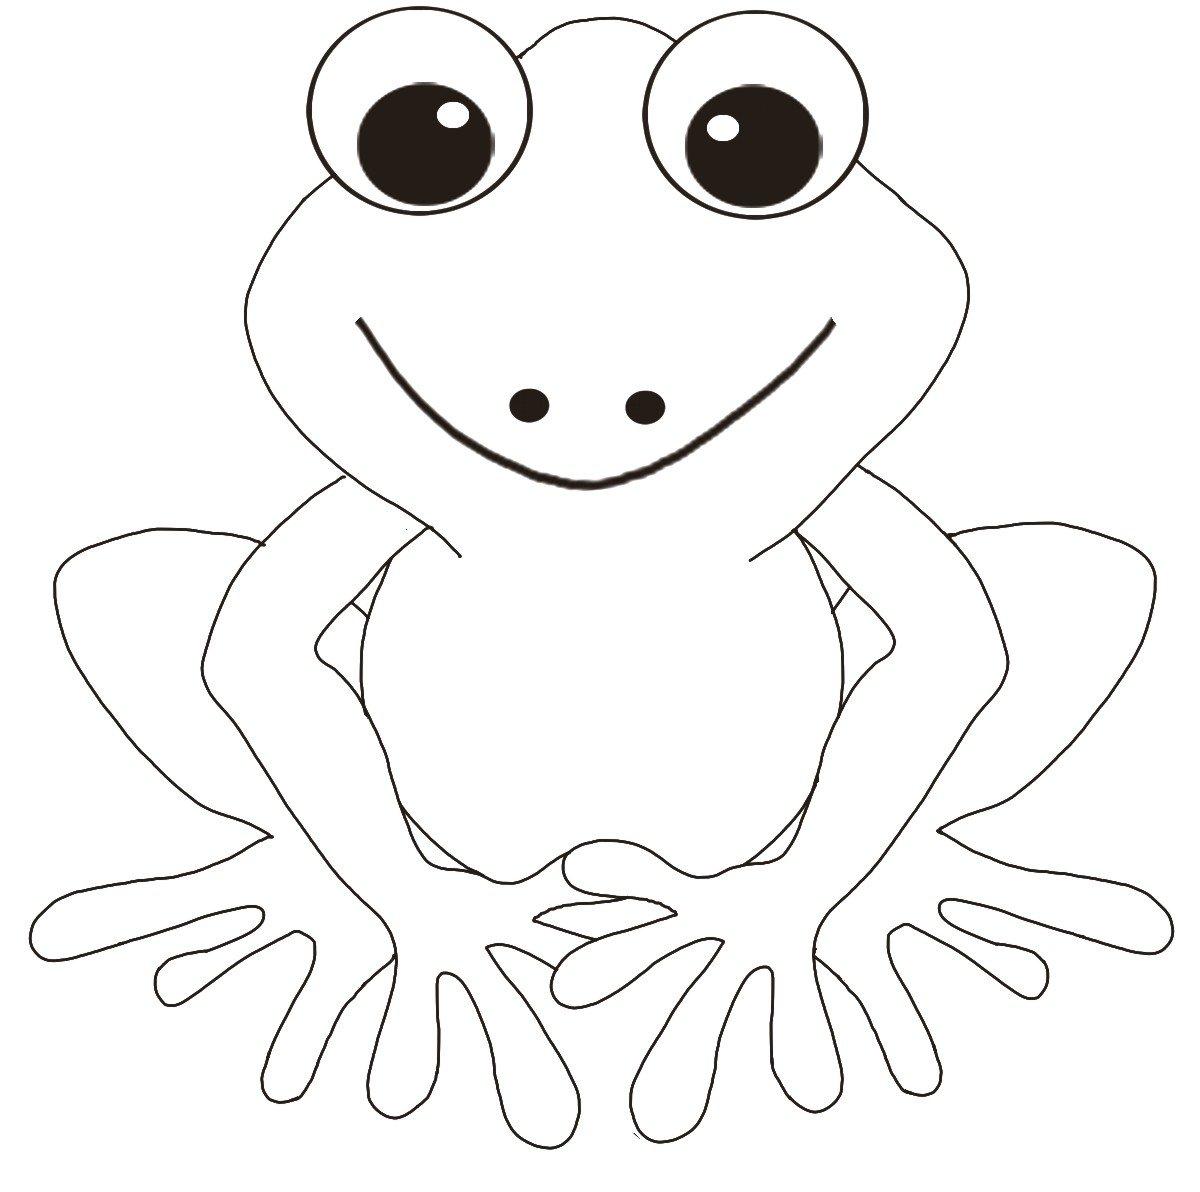 рисунок лягушонка распечатать лапки, легко